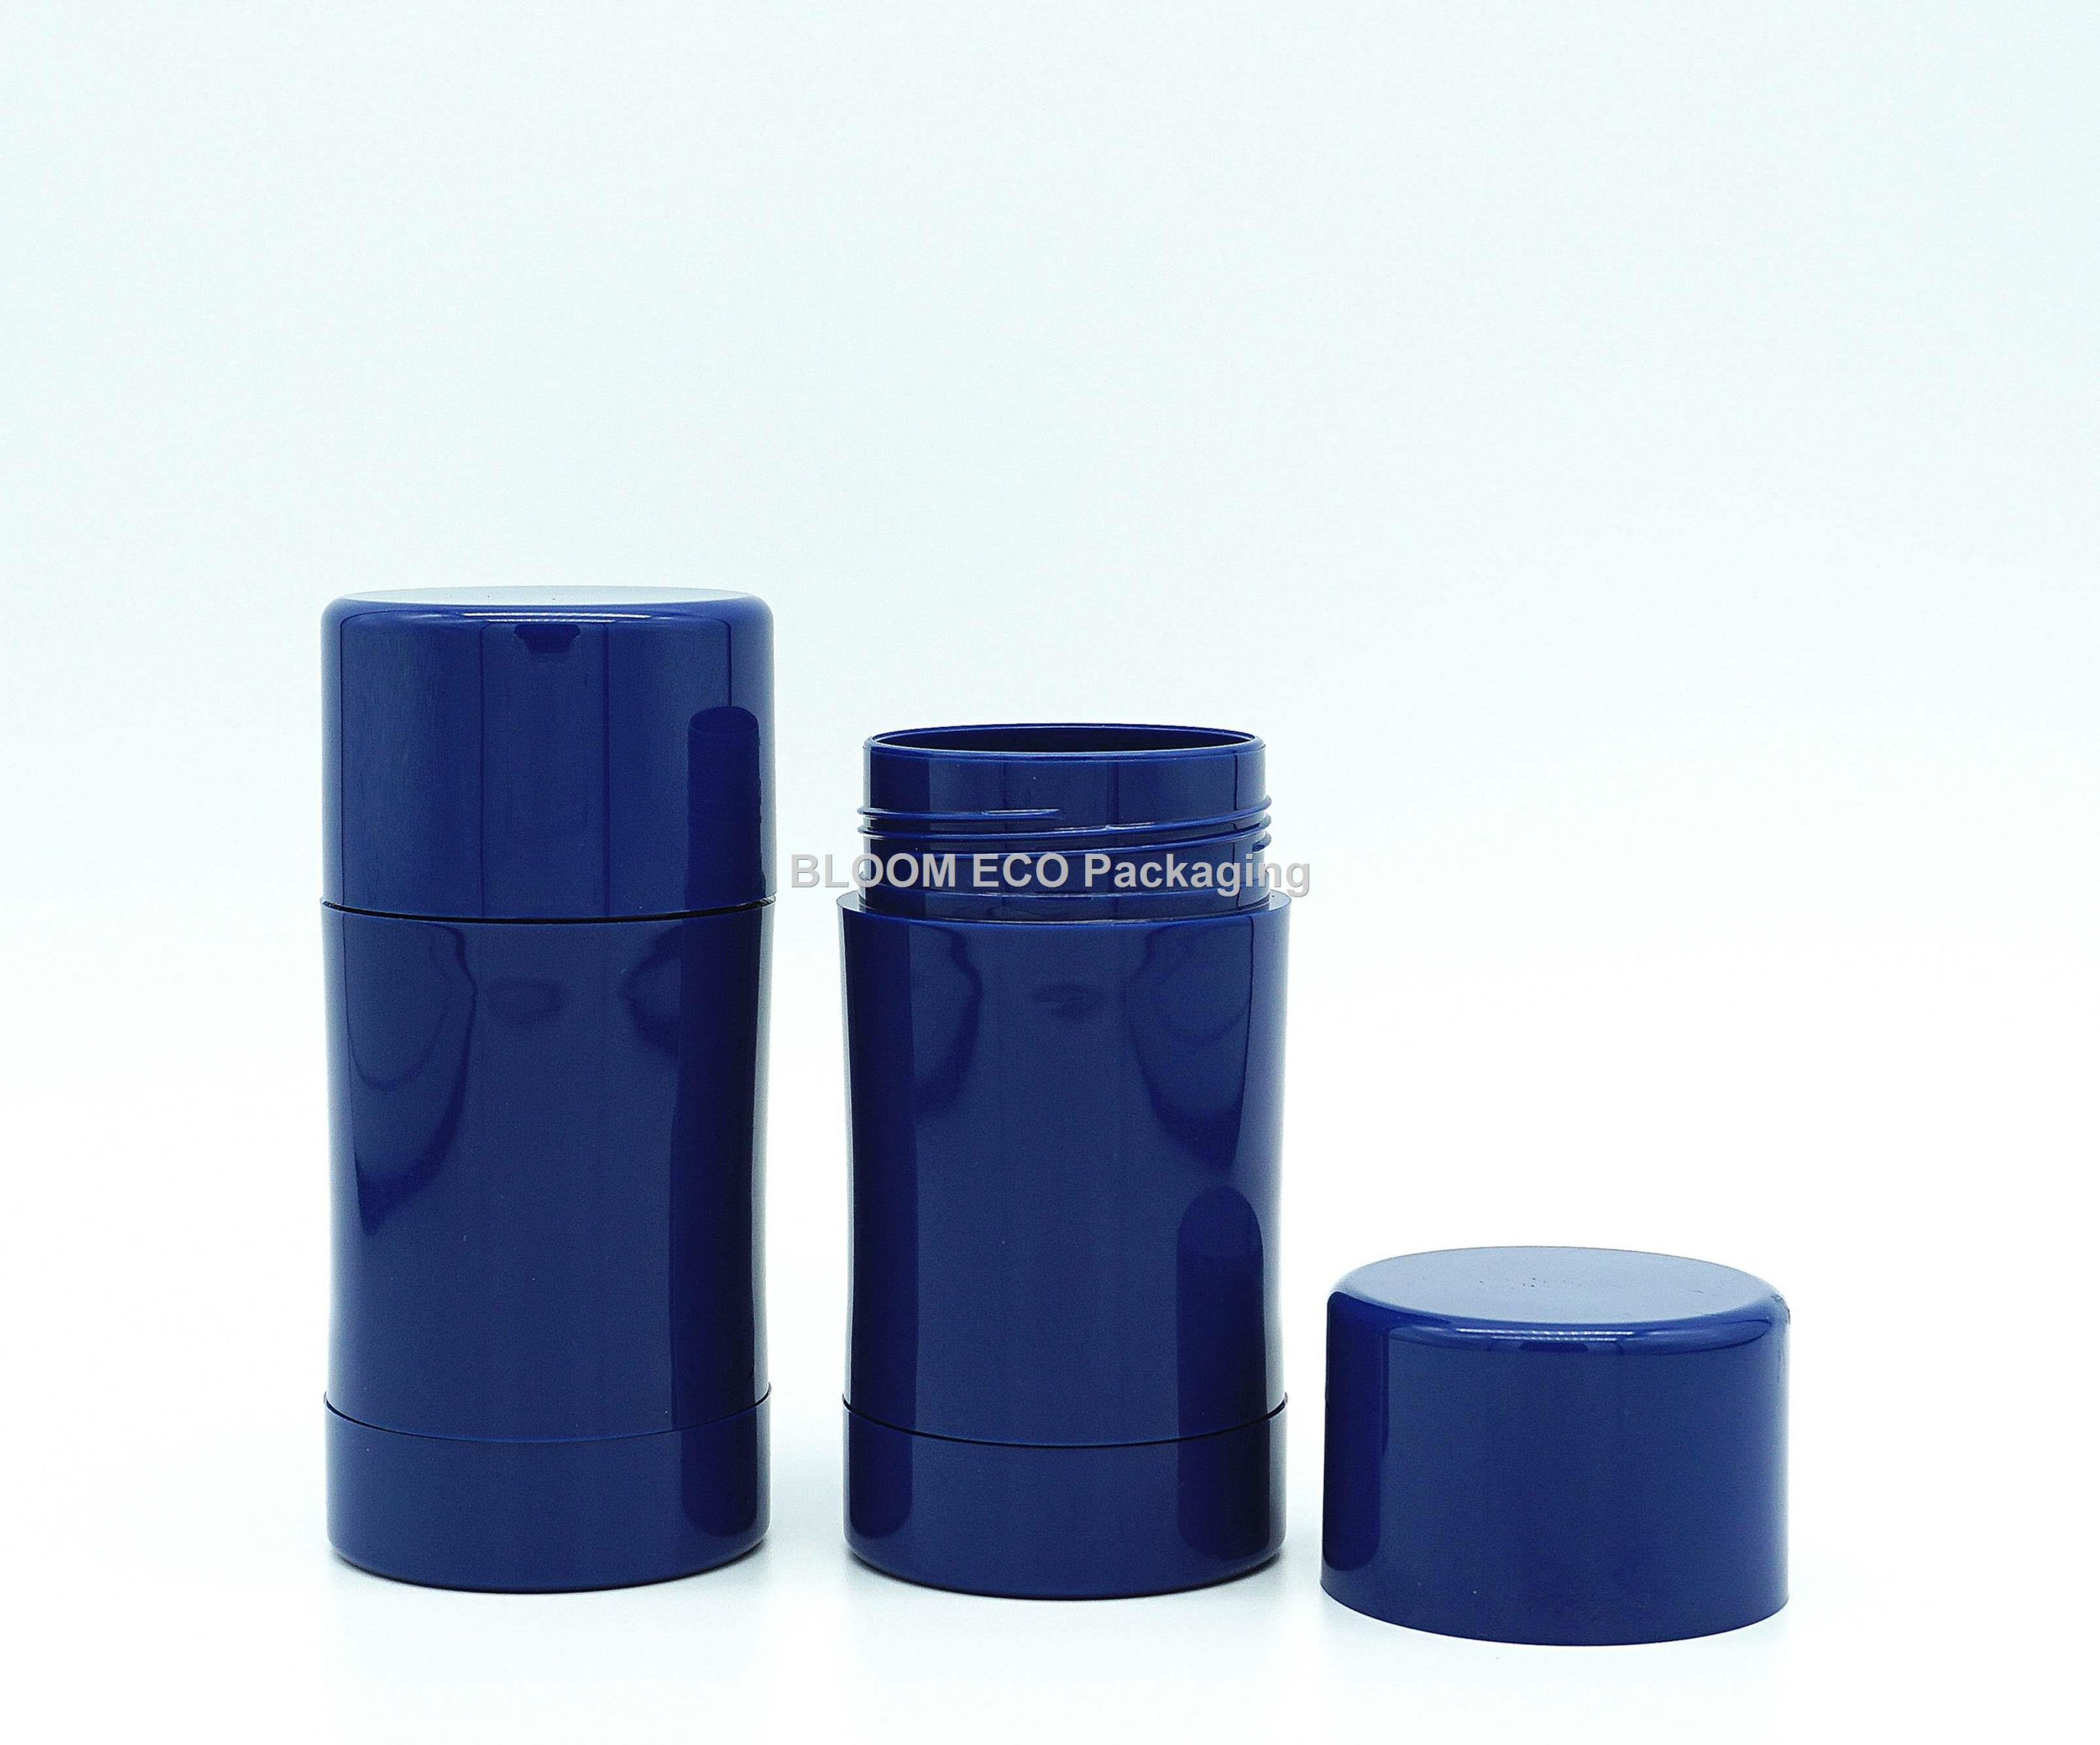 PCR Deodorant